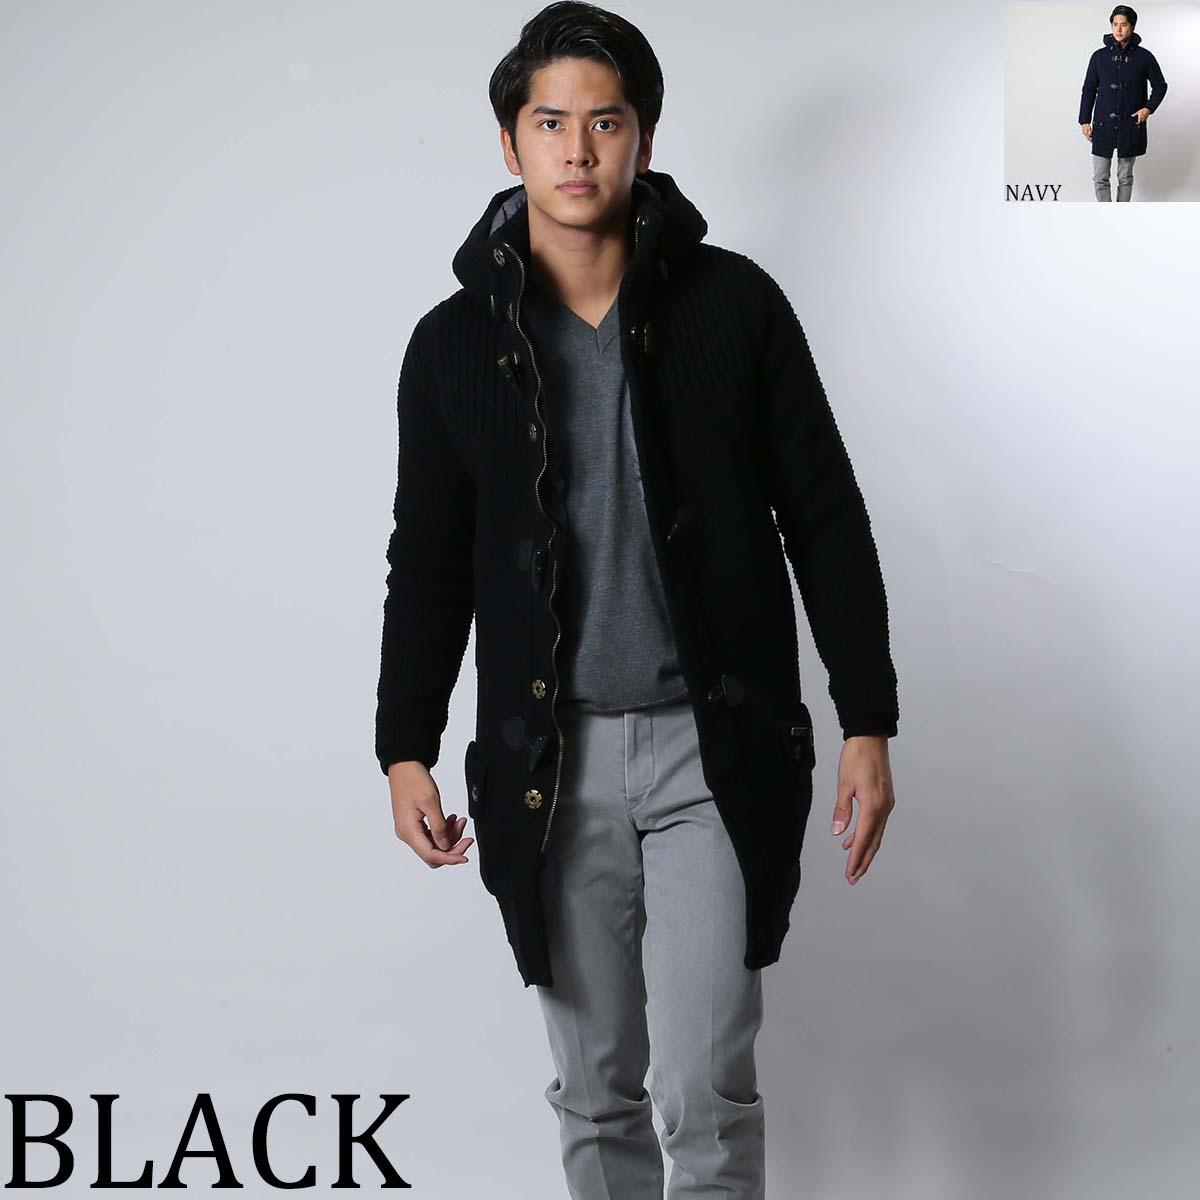 バーク BARK ロングダッフルコート ニット62b8025 BLACK/NAVY メンズ【あす楽_関西】cr